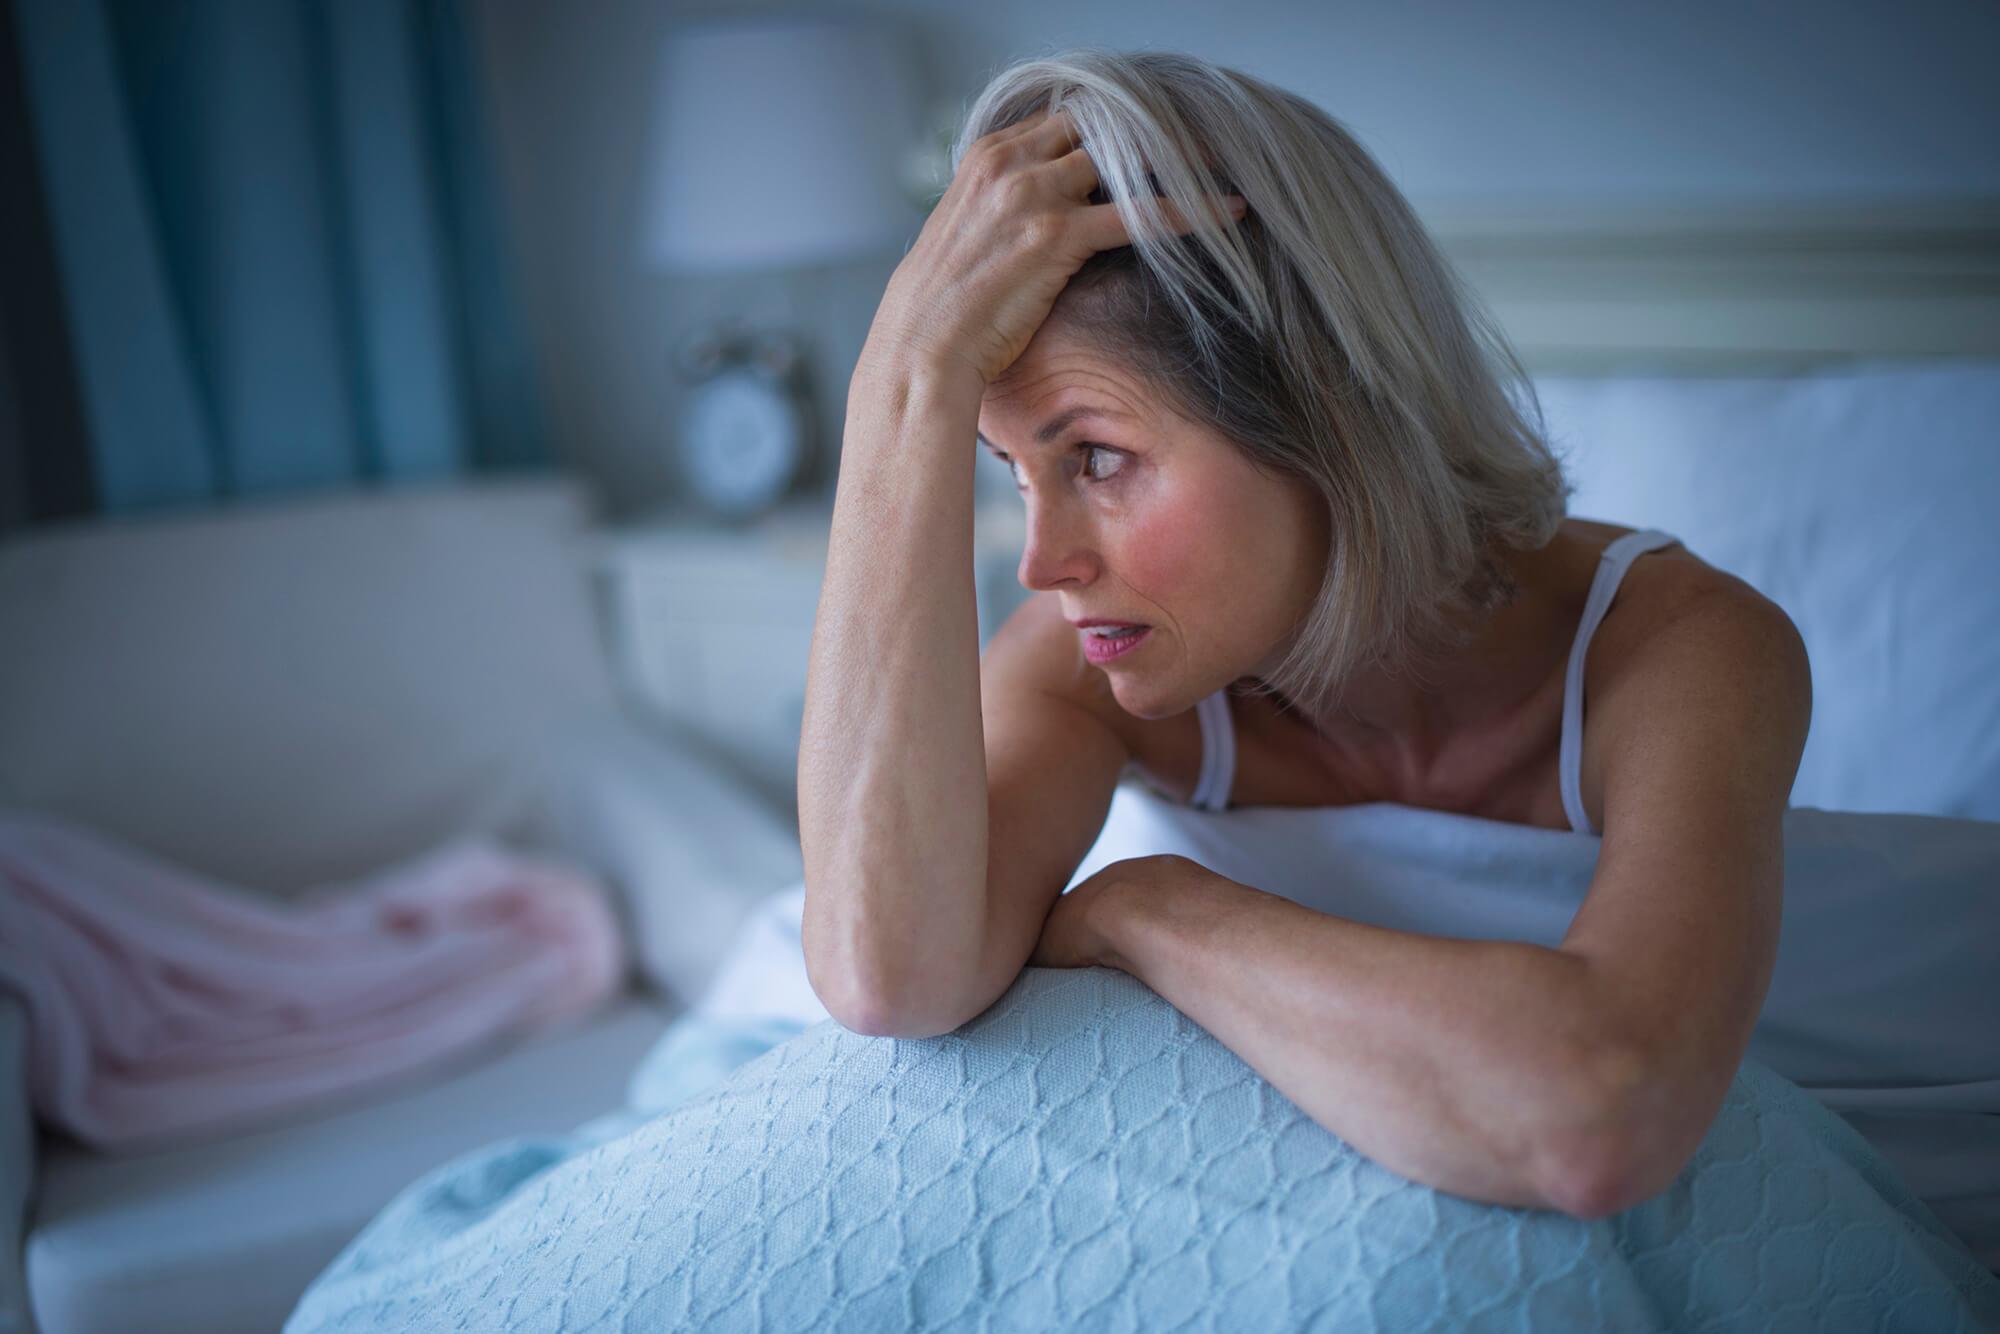 ᐉ депрессия у женщин: симптомы, виды, лечение. как выйти из депрессии самостоятельно. кризис среднего возраста у женщин ➡ klass511.ru